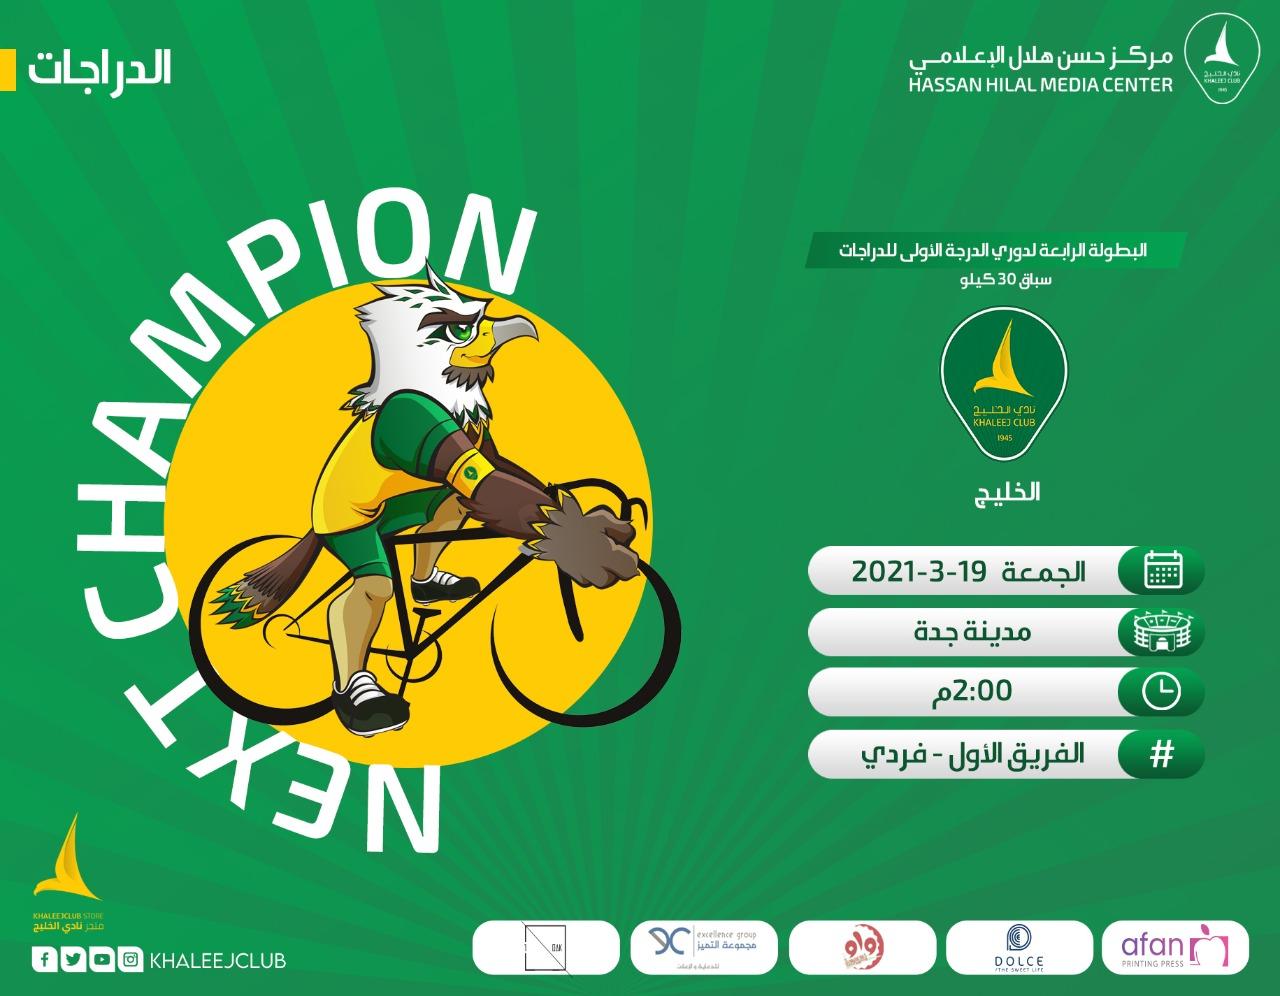 دراجات الخليج تشارك في البطولة الرابعة للدرجة الأولى